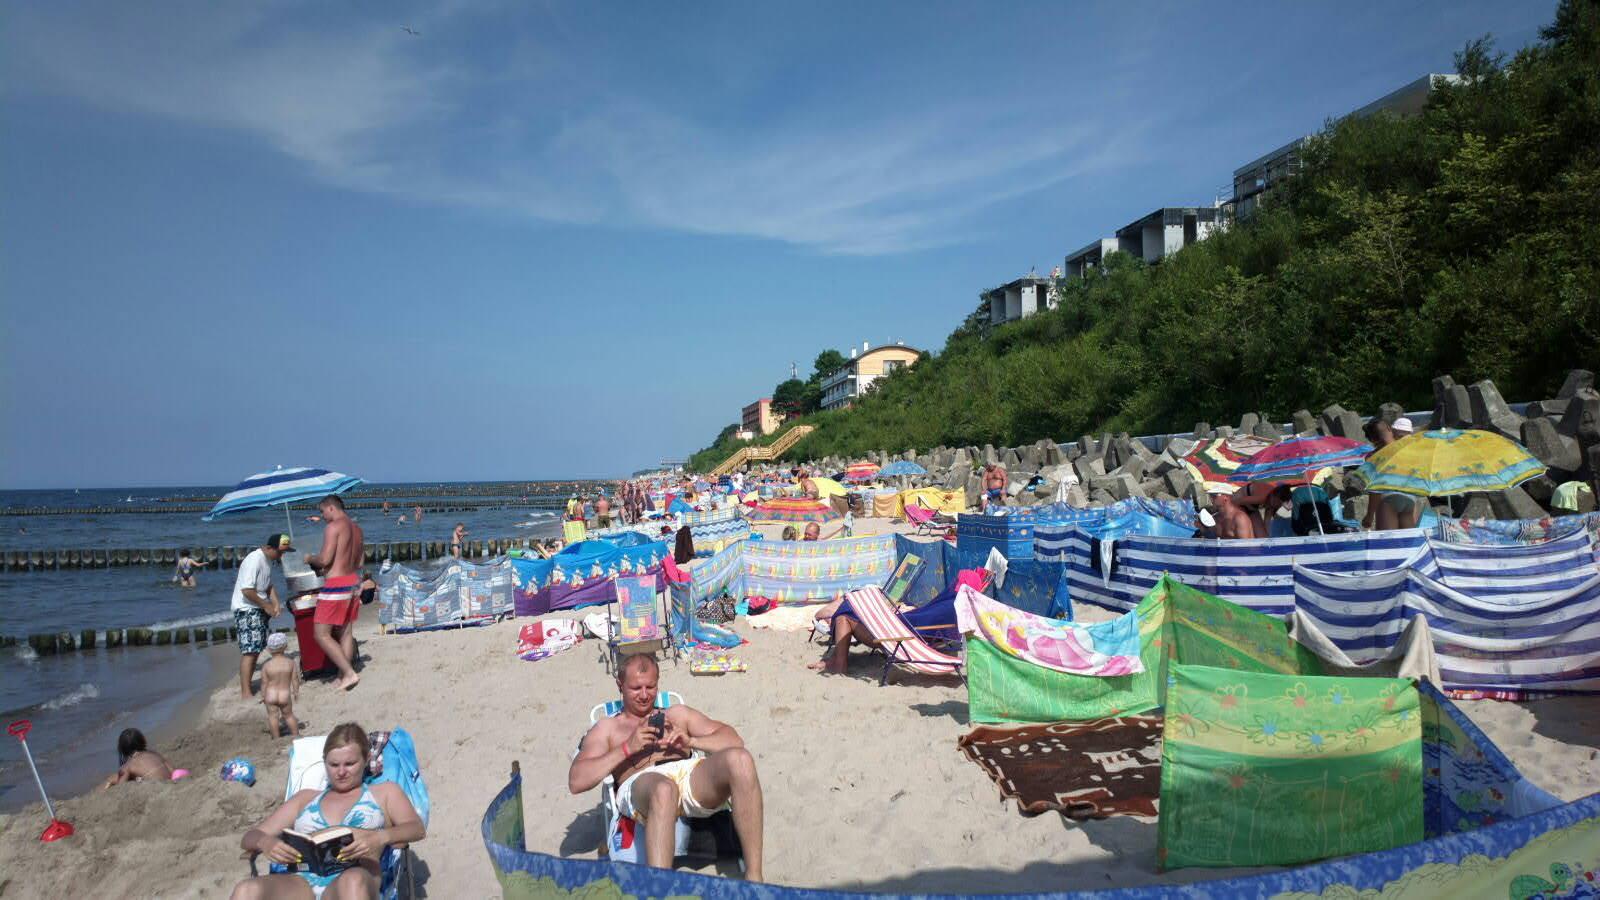 kąpiele słoneczne na plaży w ustroniu morskim